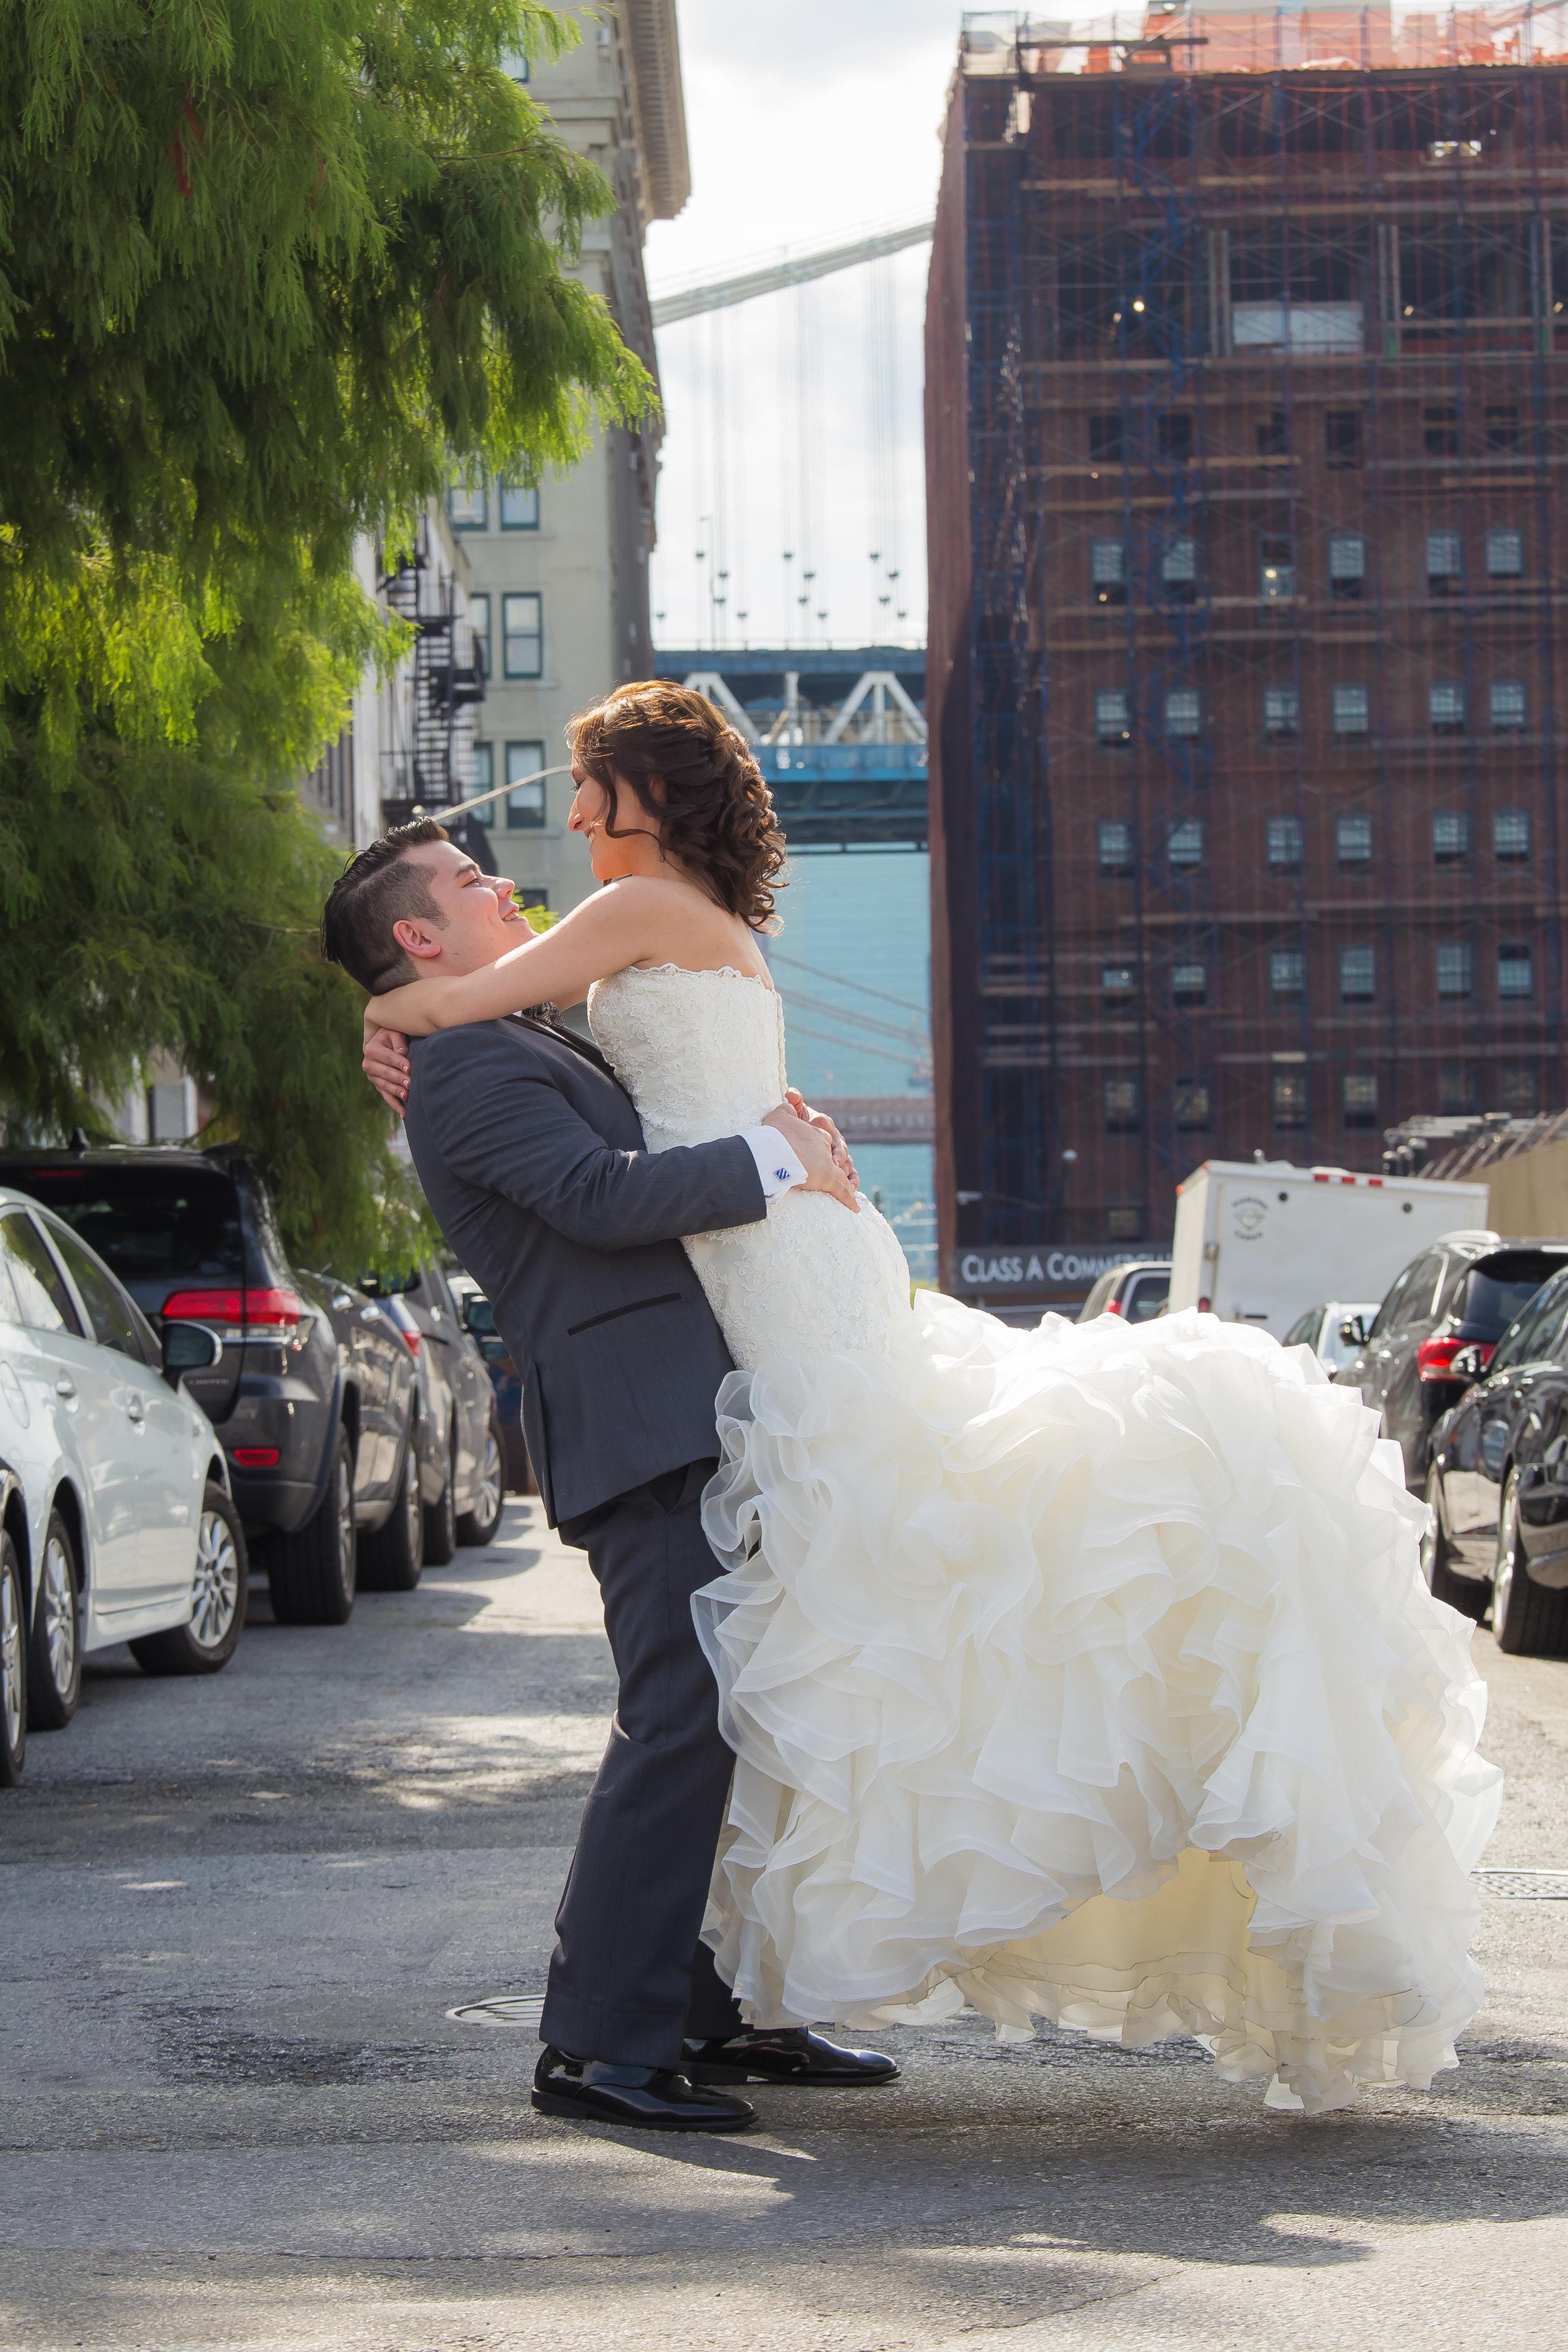 26-bridge-nyc-wedding-photography-0235.jpg